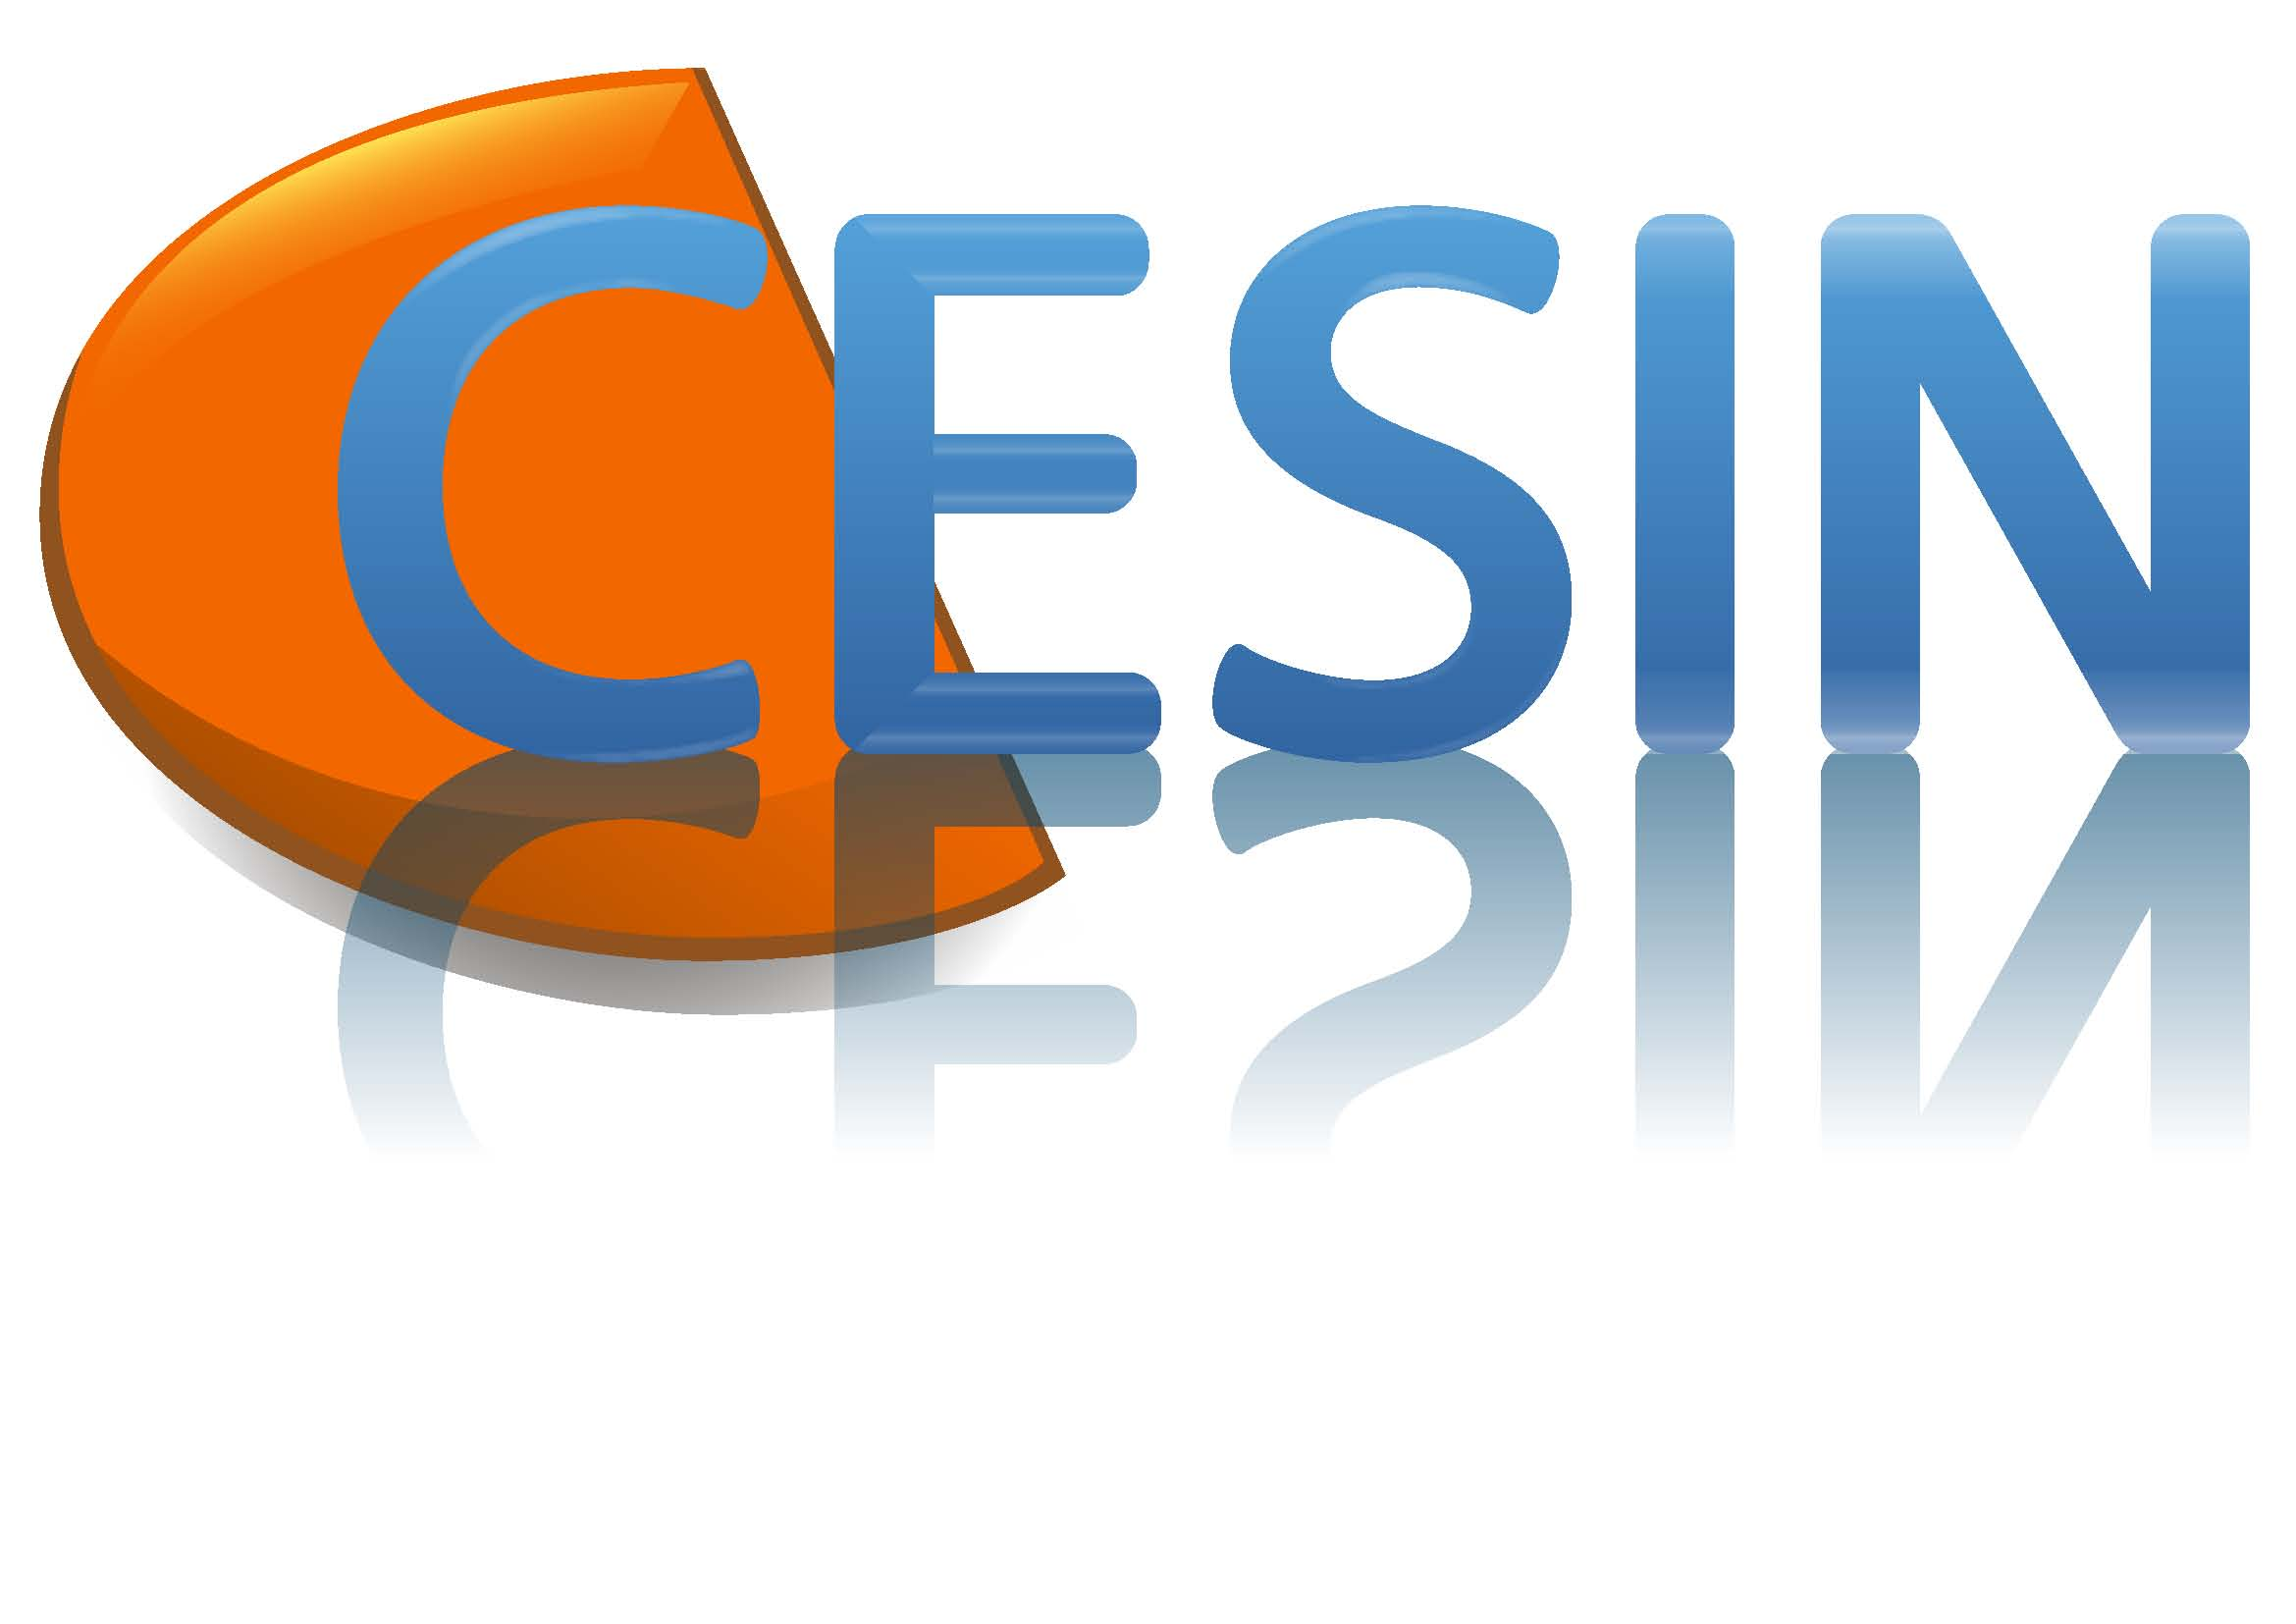 CESIN